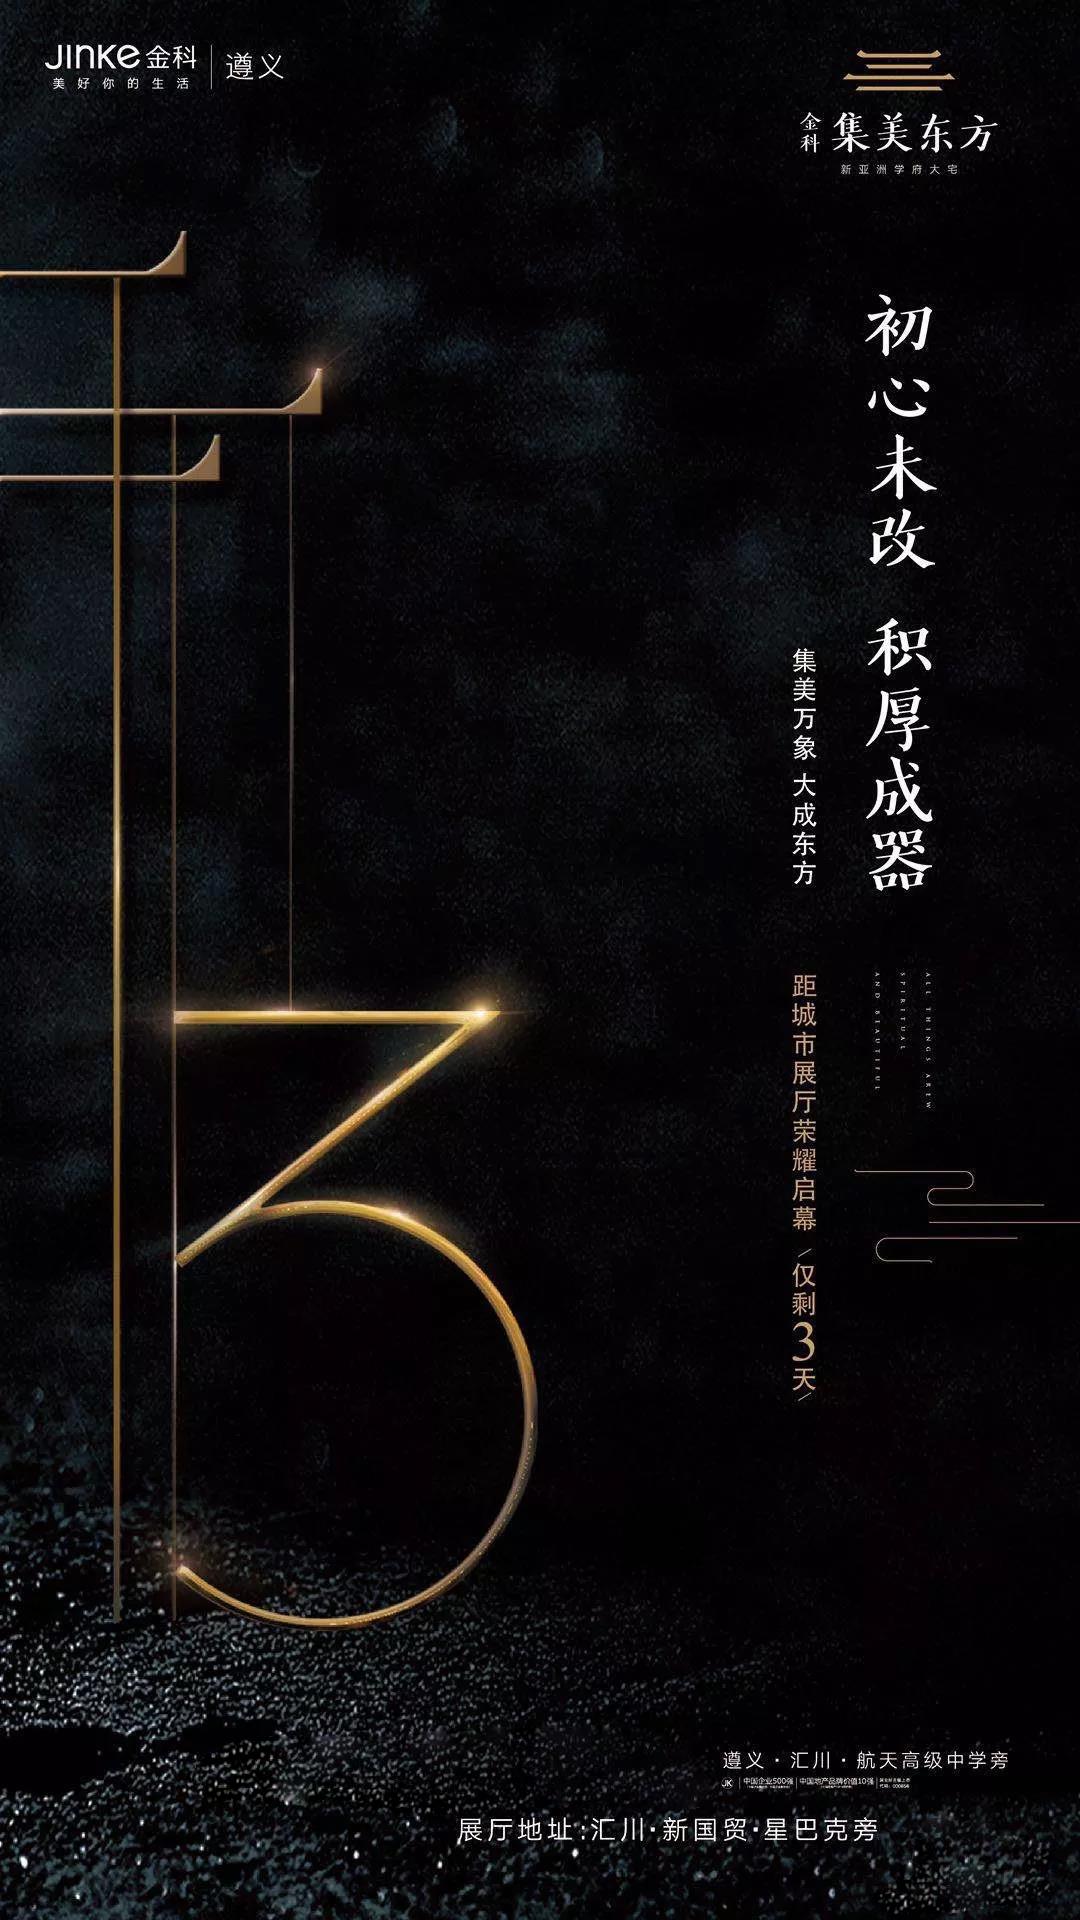 集美万象 大成东方 | 金科·集美东方城市展厅即将荣耀启幕-中国网地产